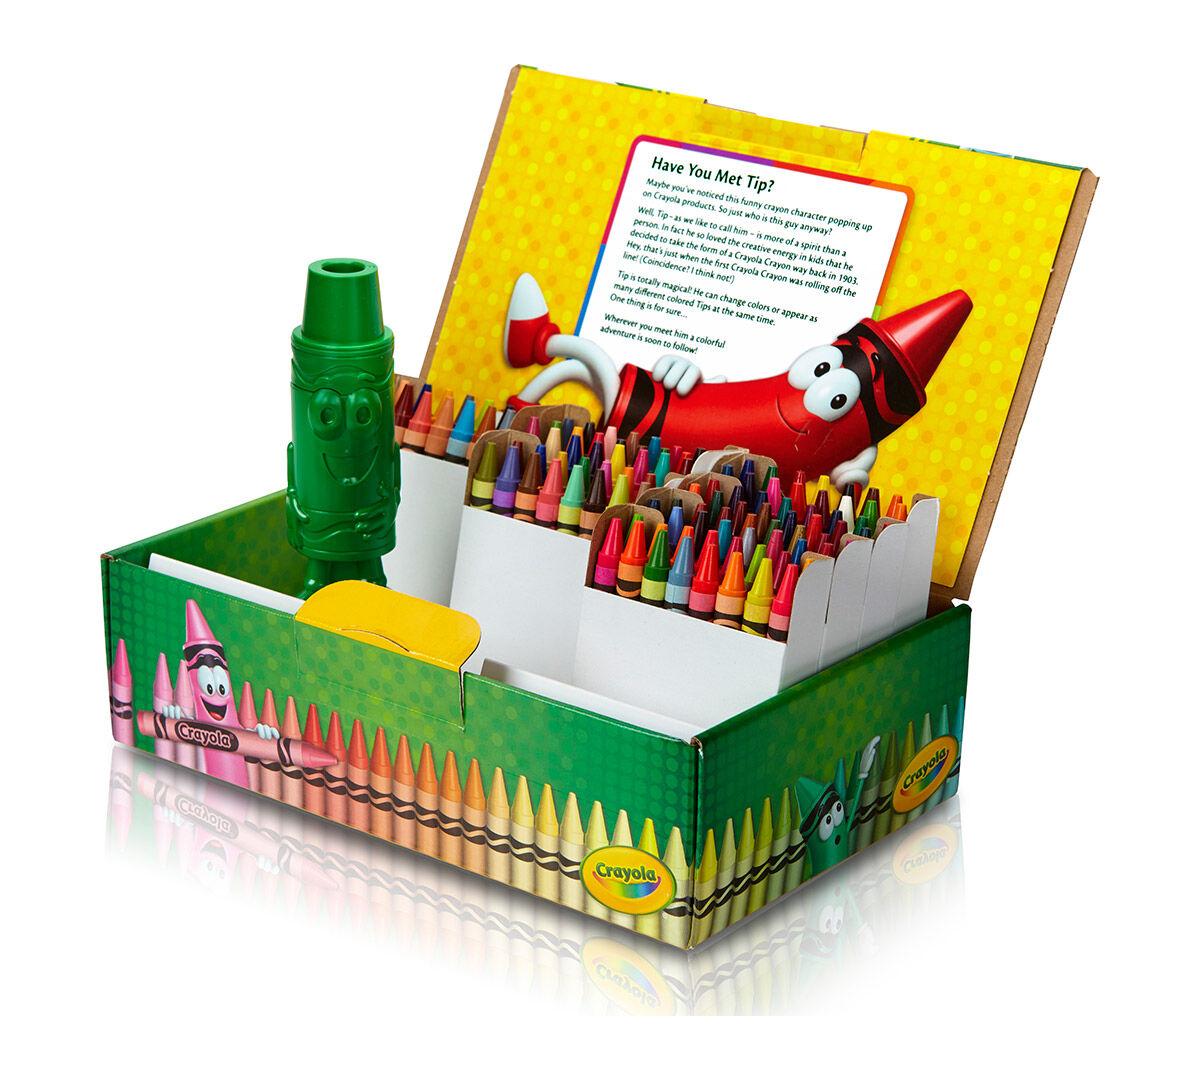 Crayola Crayons 120 ct. - Crayola